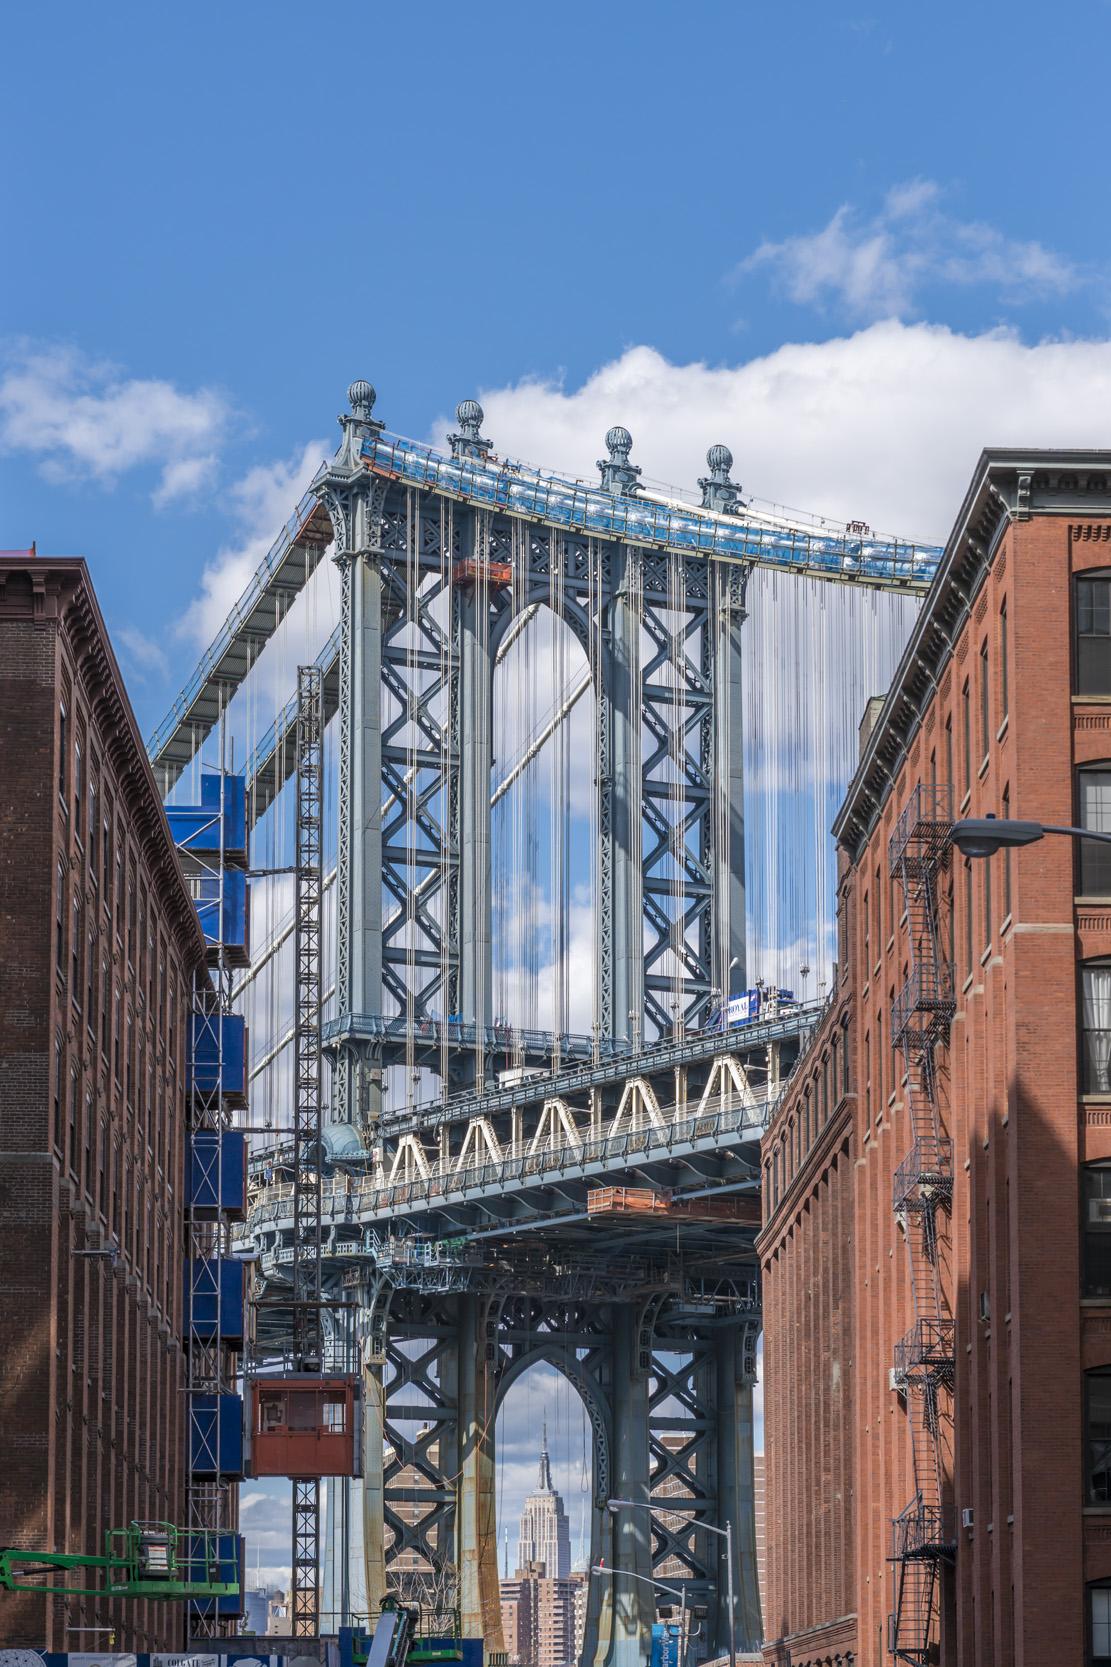 Manhattan Bridge and the Empire St. Building